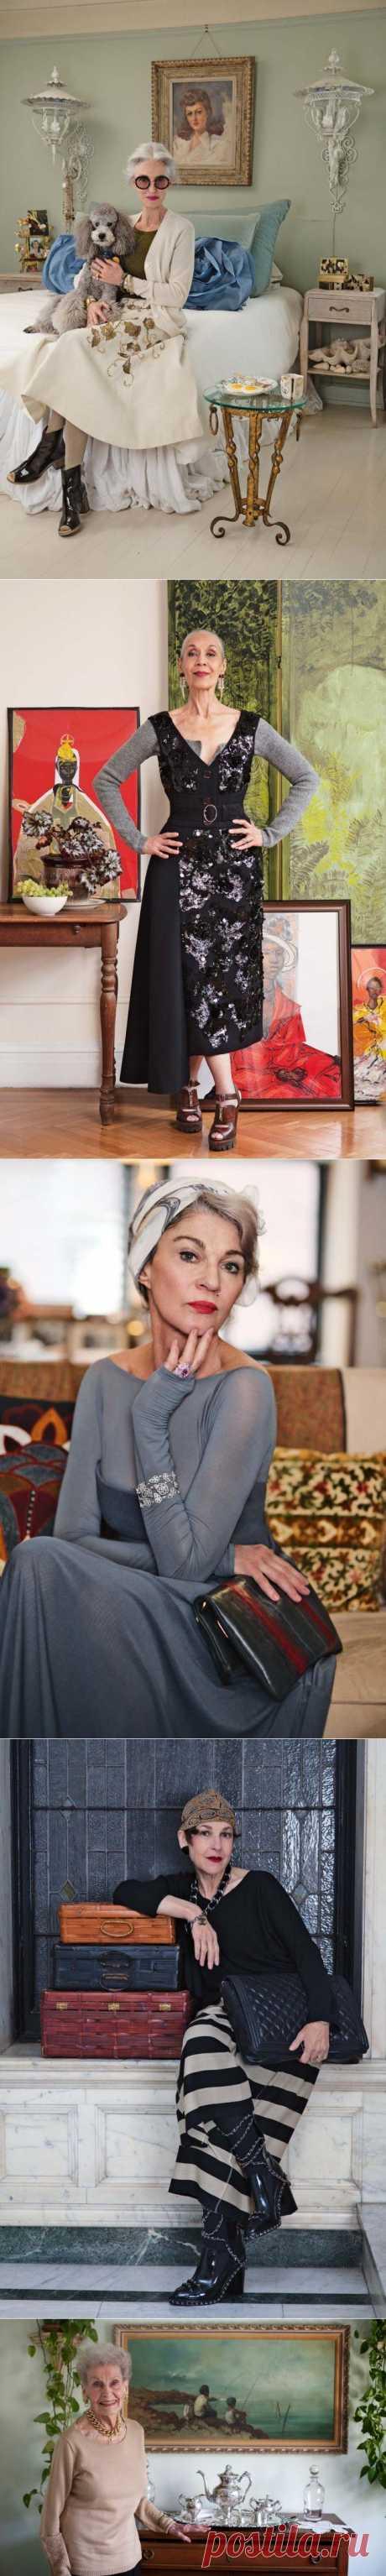 Стареть со вкусом | ПолонСил.ру - социальная сеть здоровья